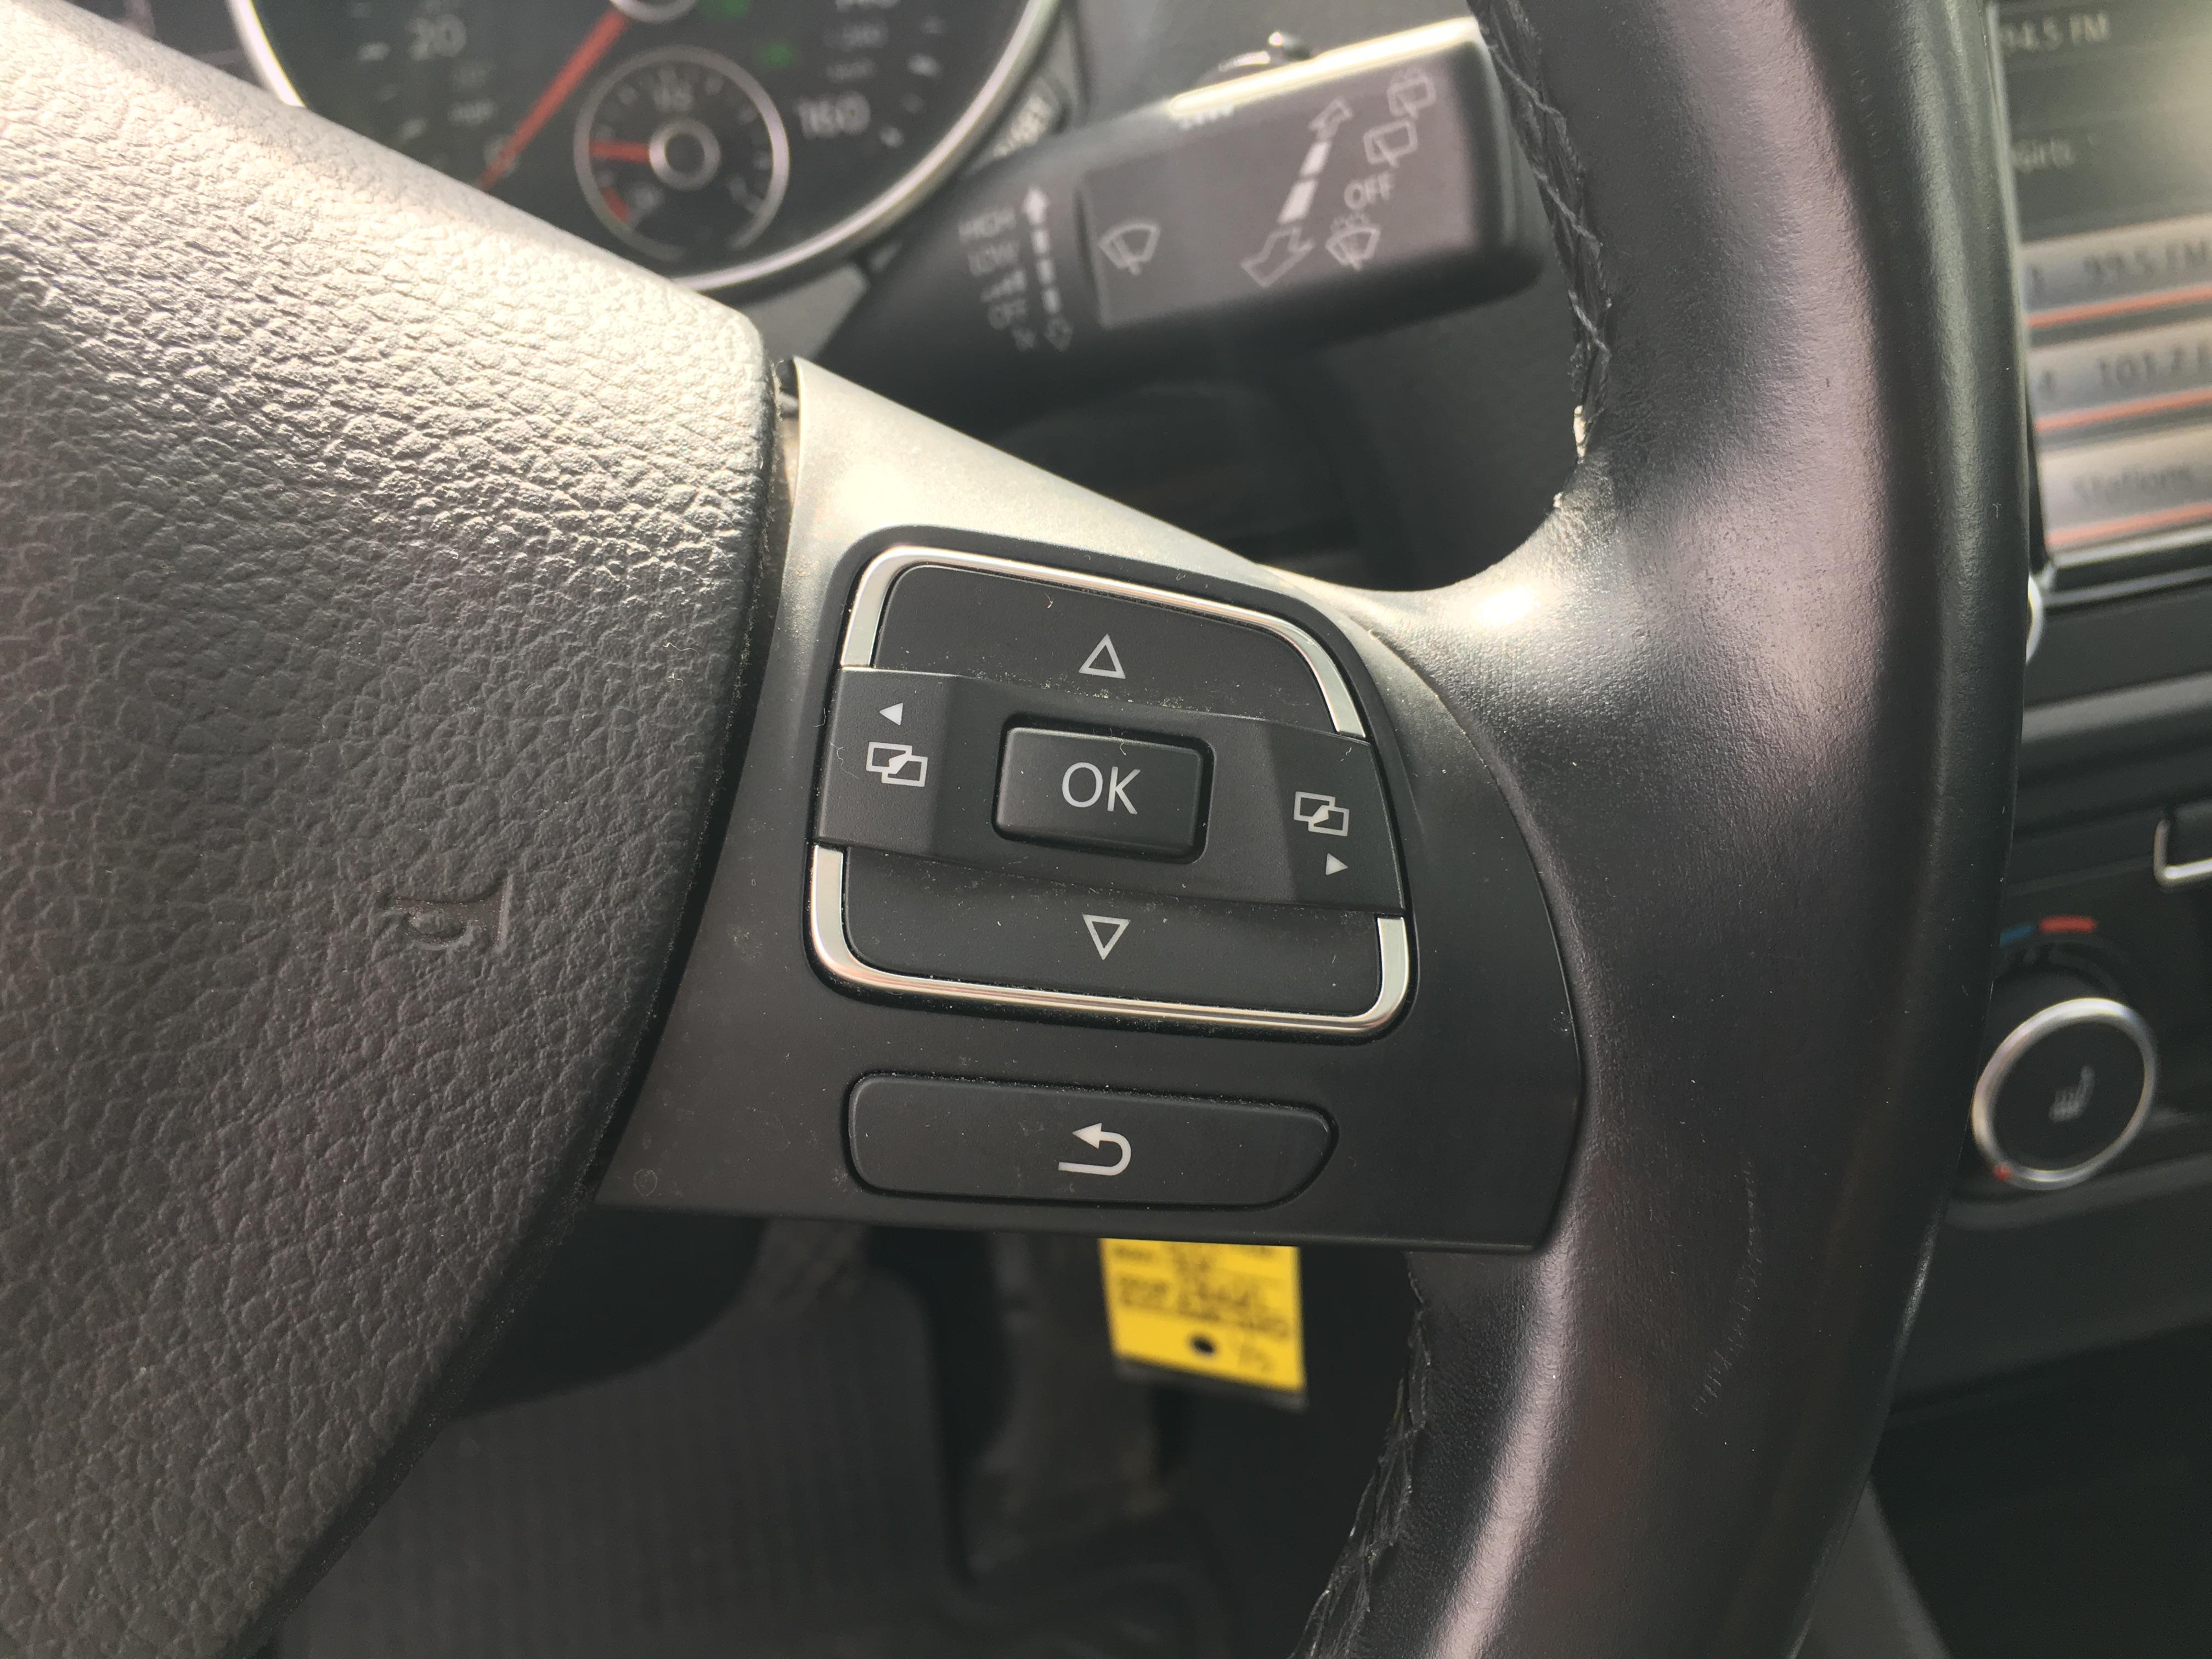 2014 Volkswagen Jetta TDIG_4603